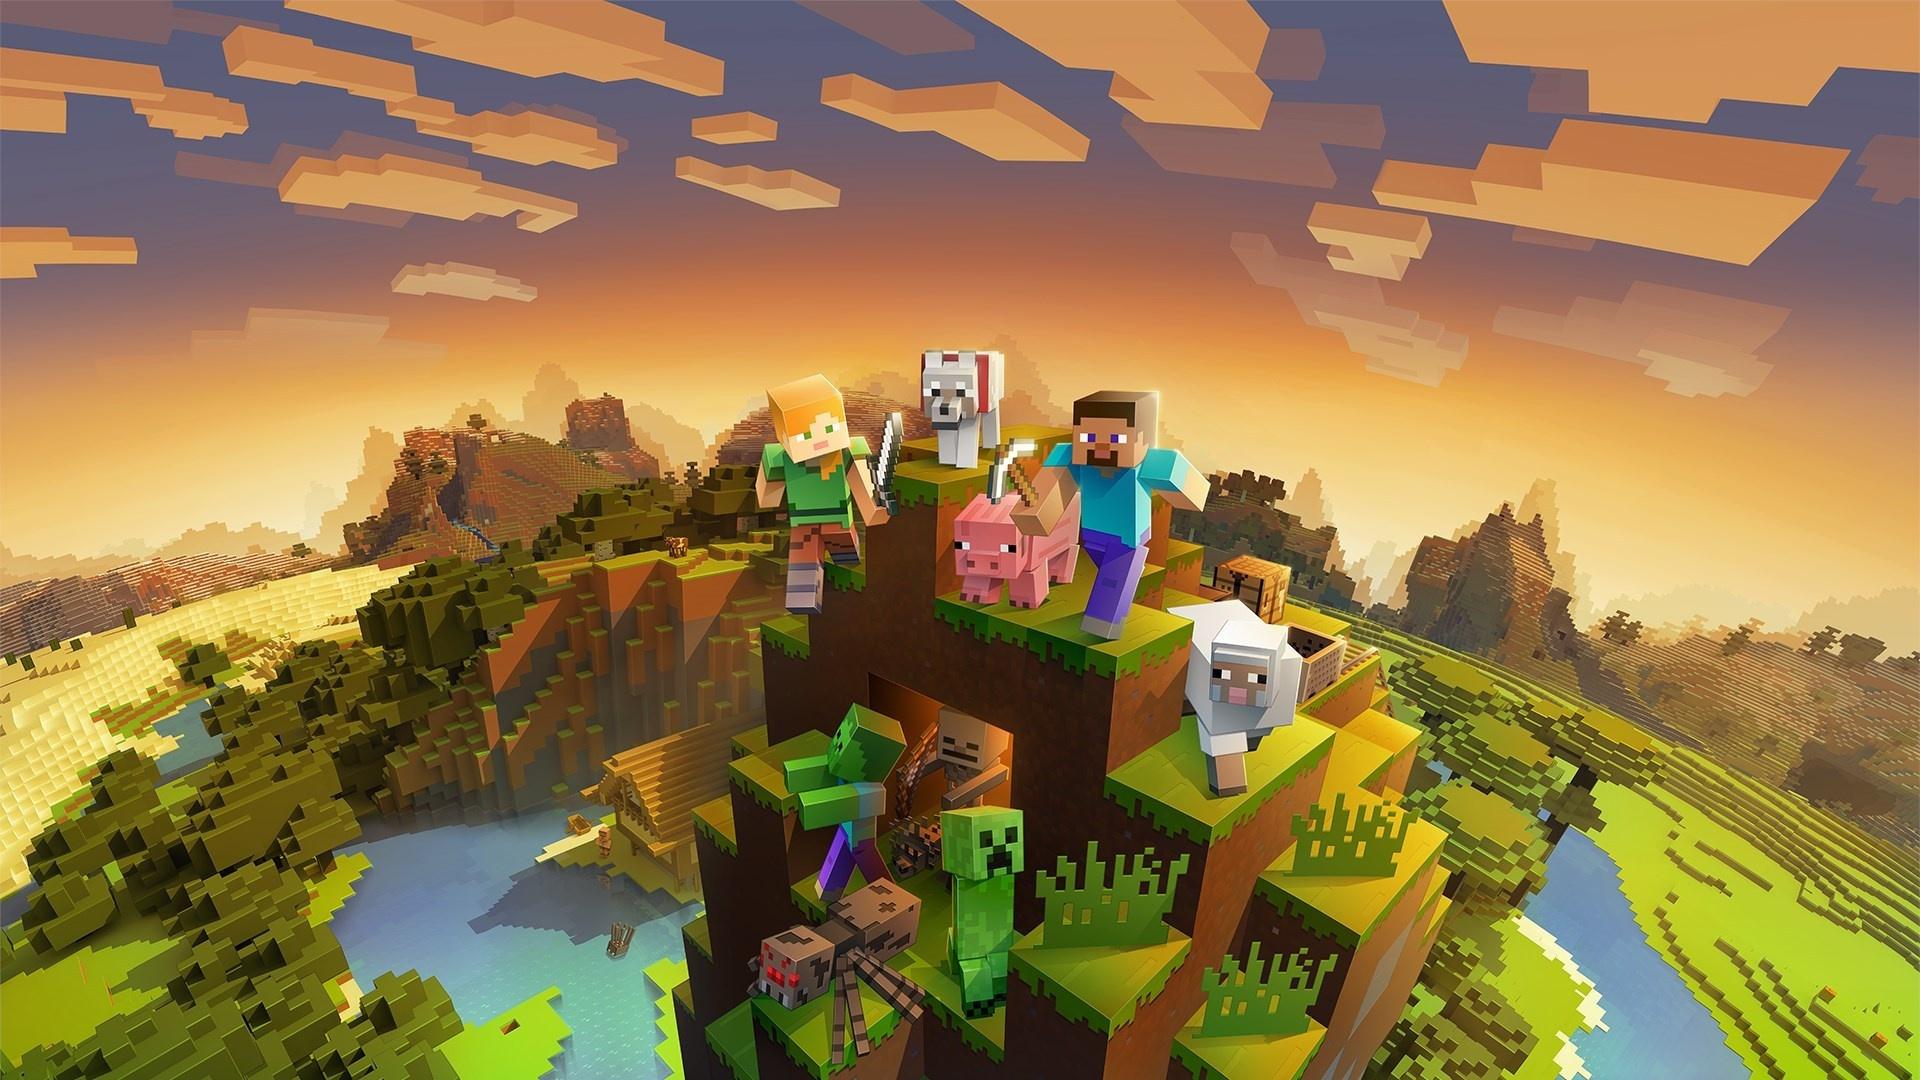 Модераторы Minecraft теперь могут навсегда банить игроков за нарушение правил